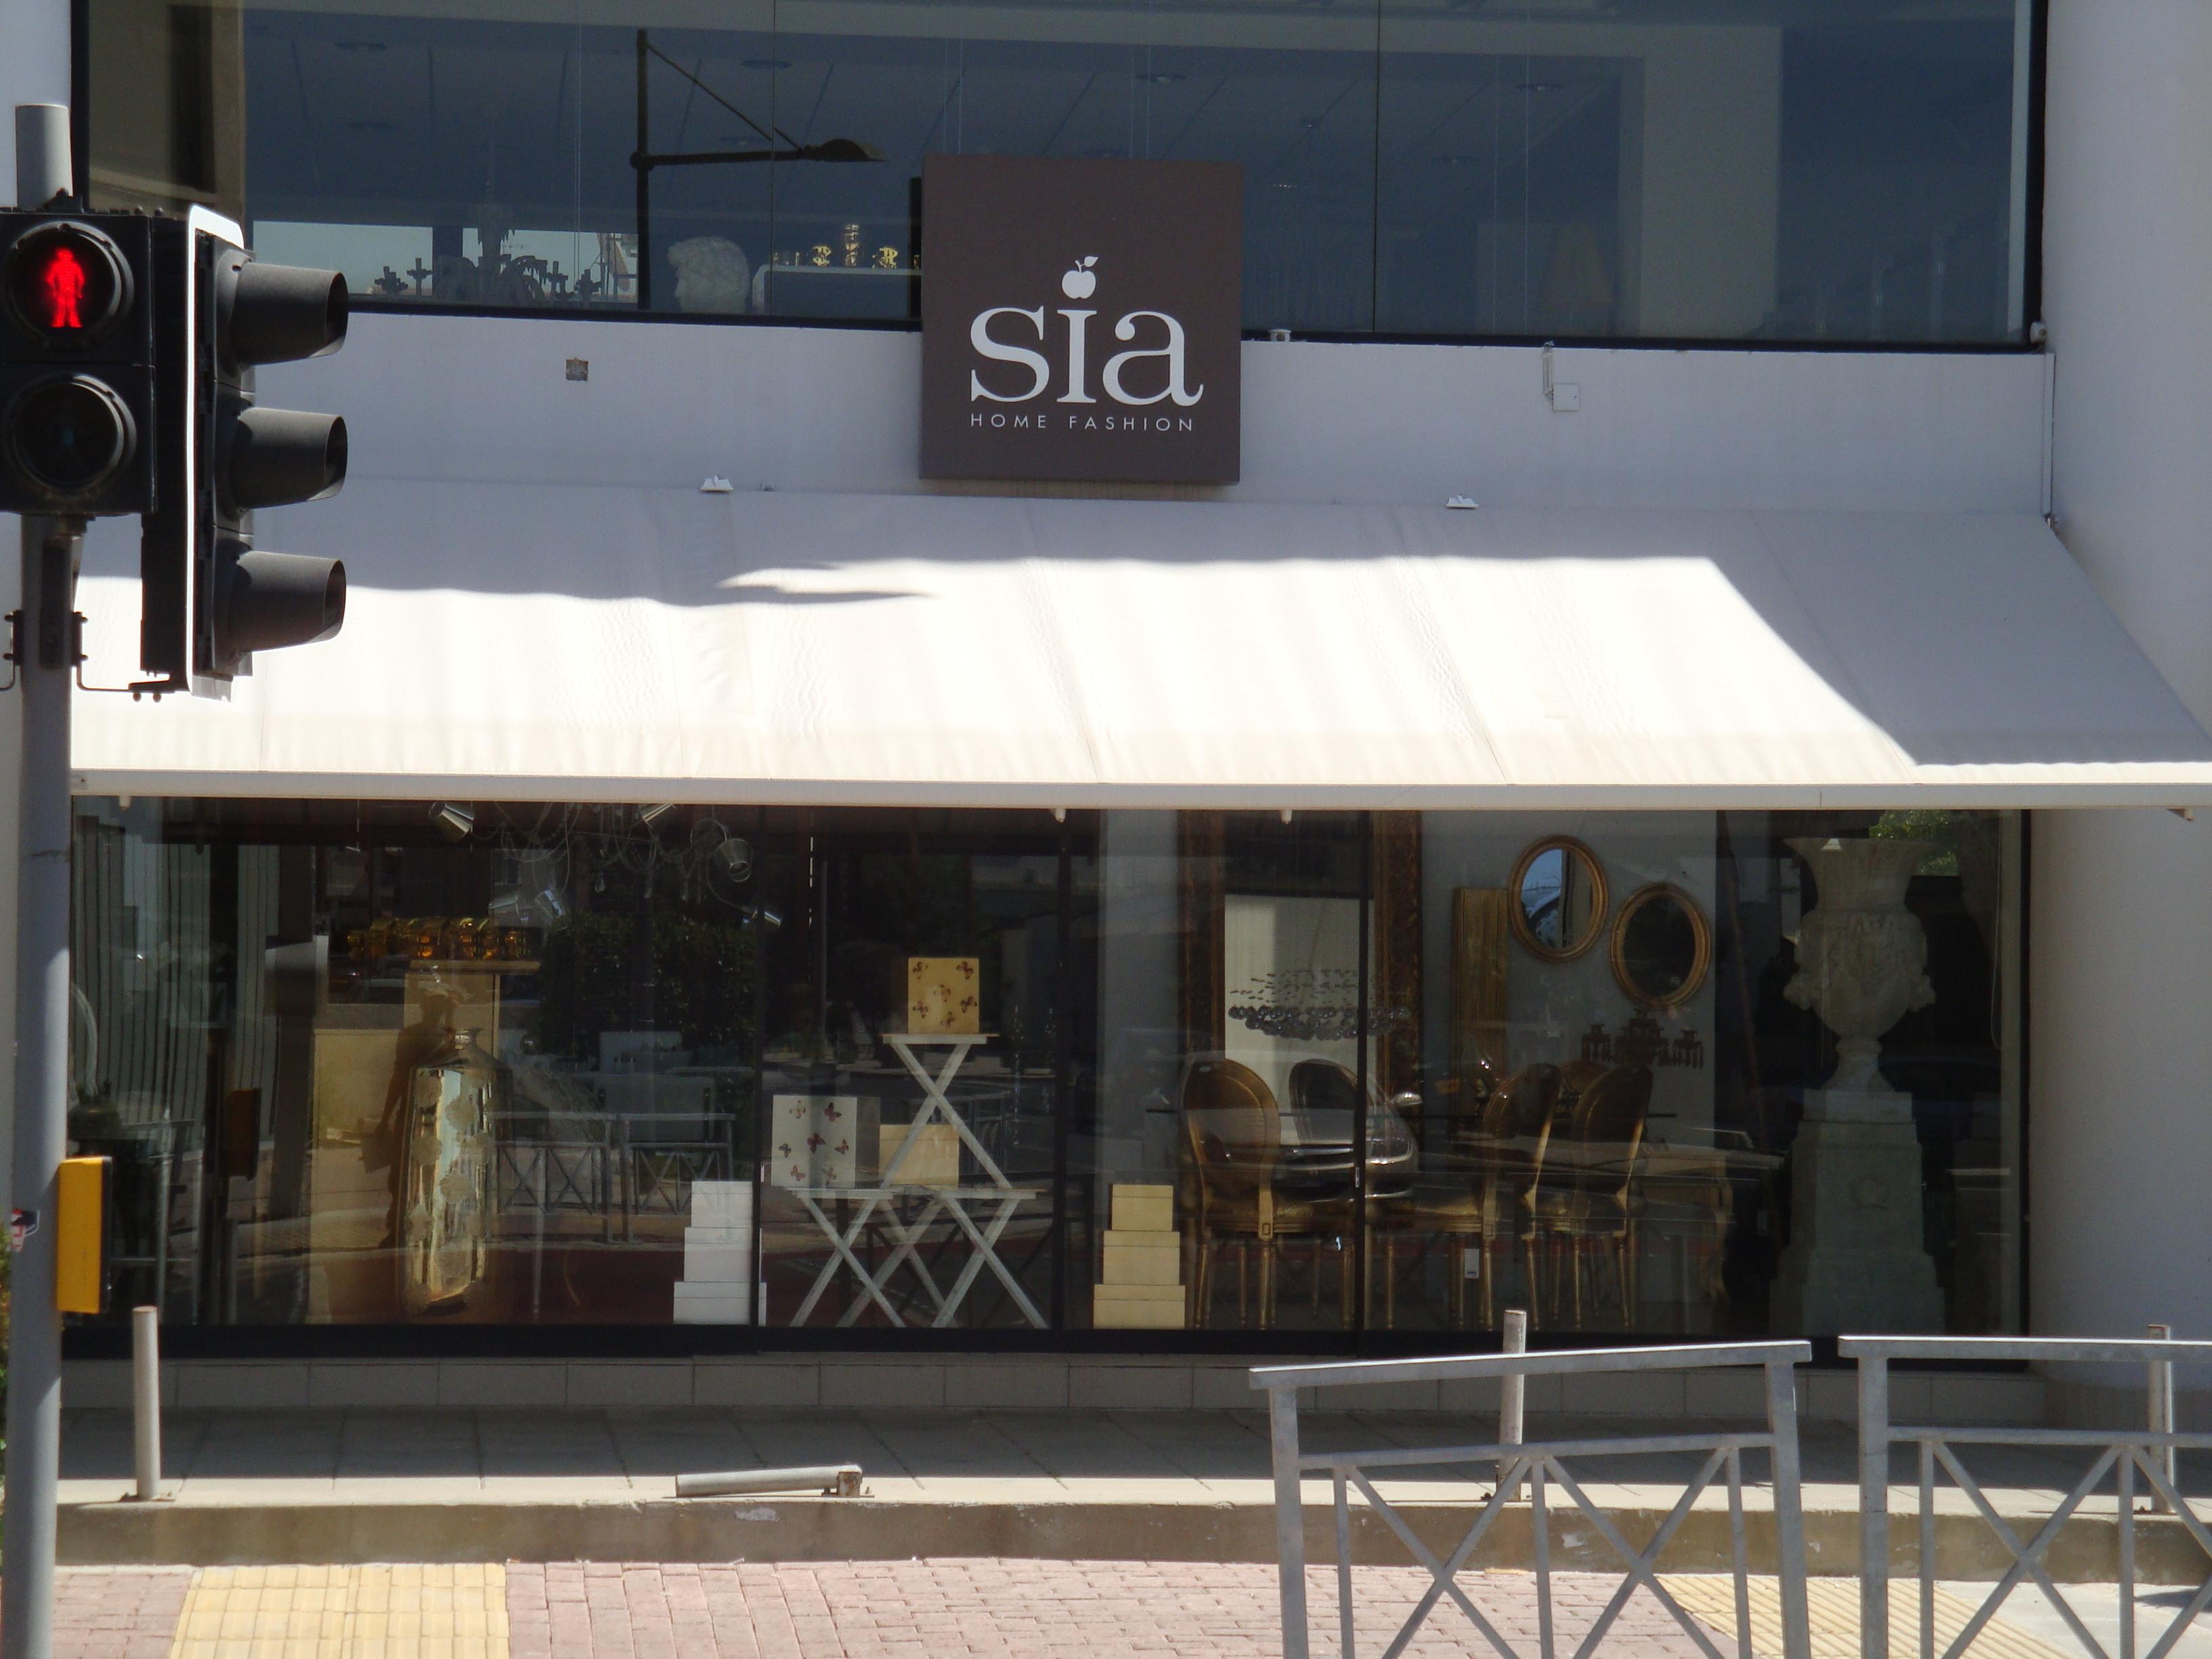 Sia Home Fashion - Cyprus.com